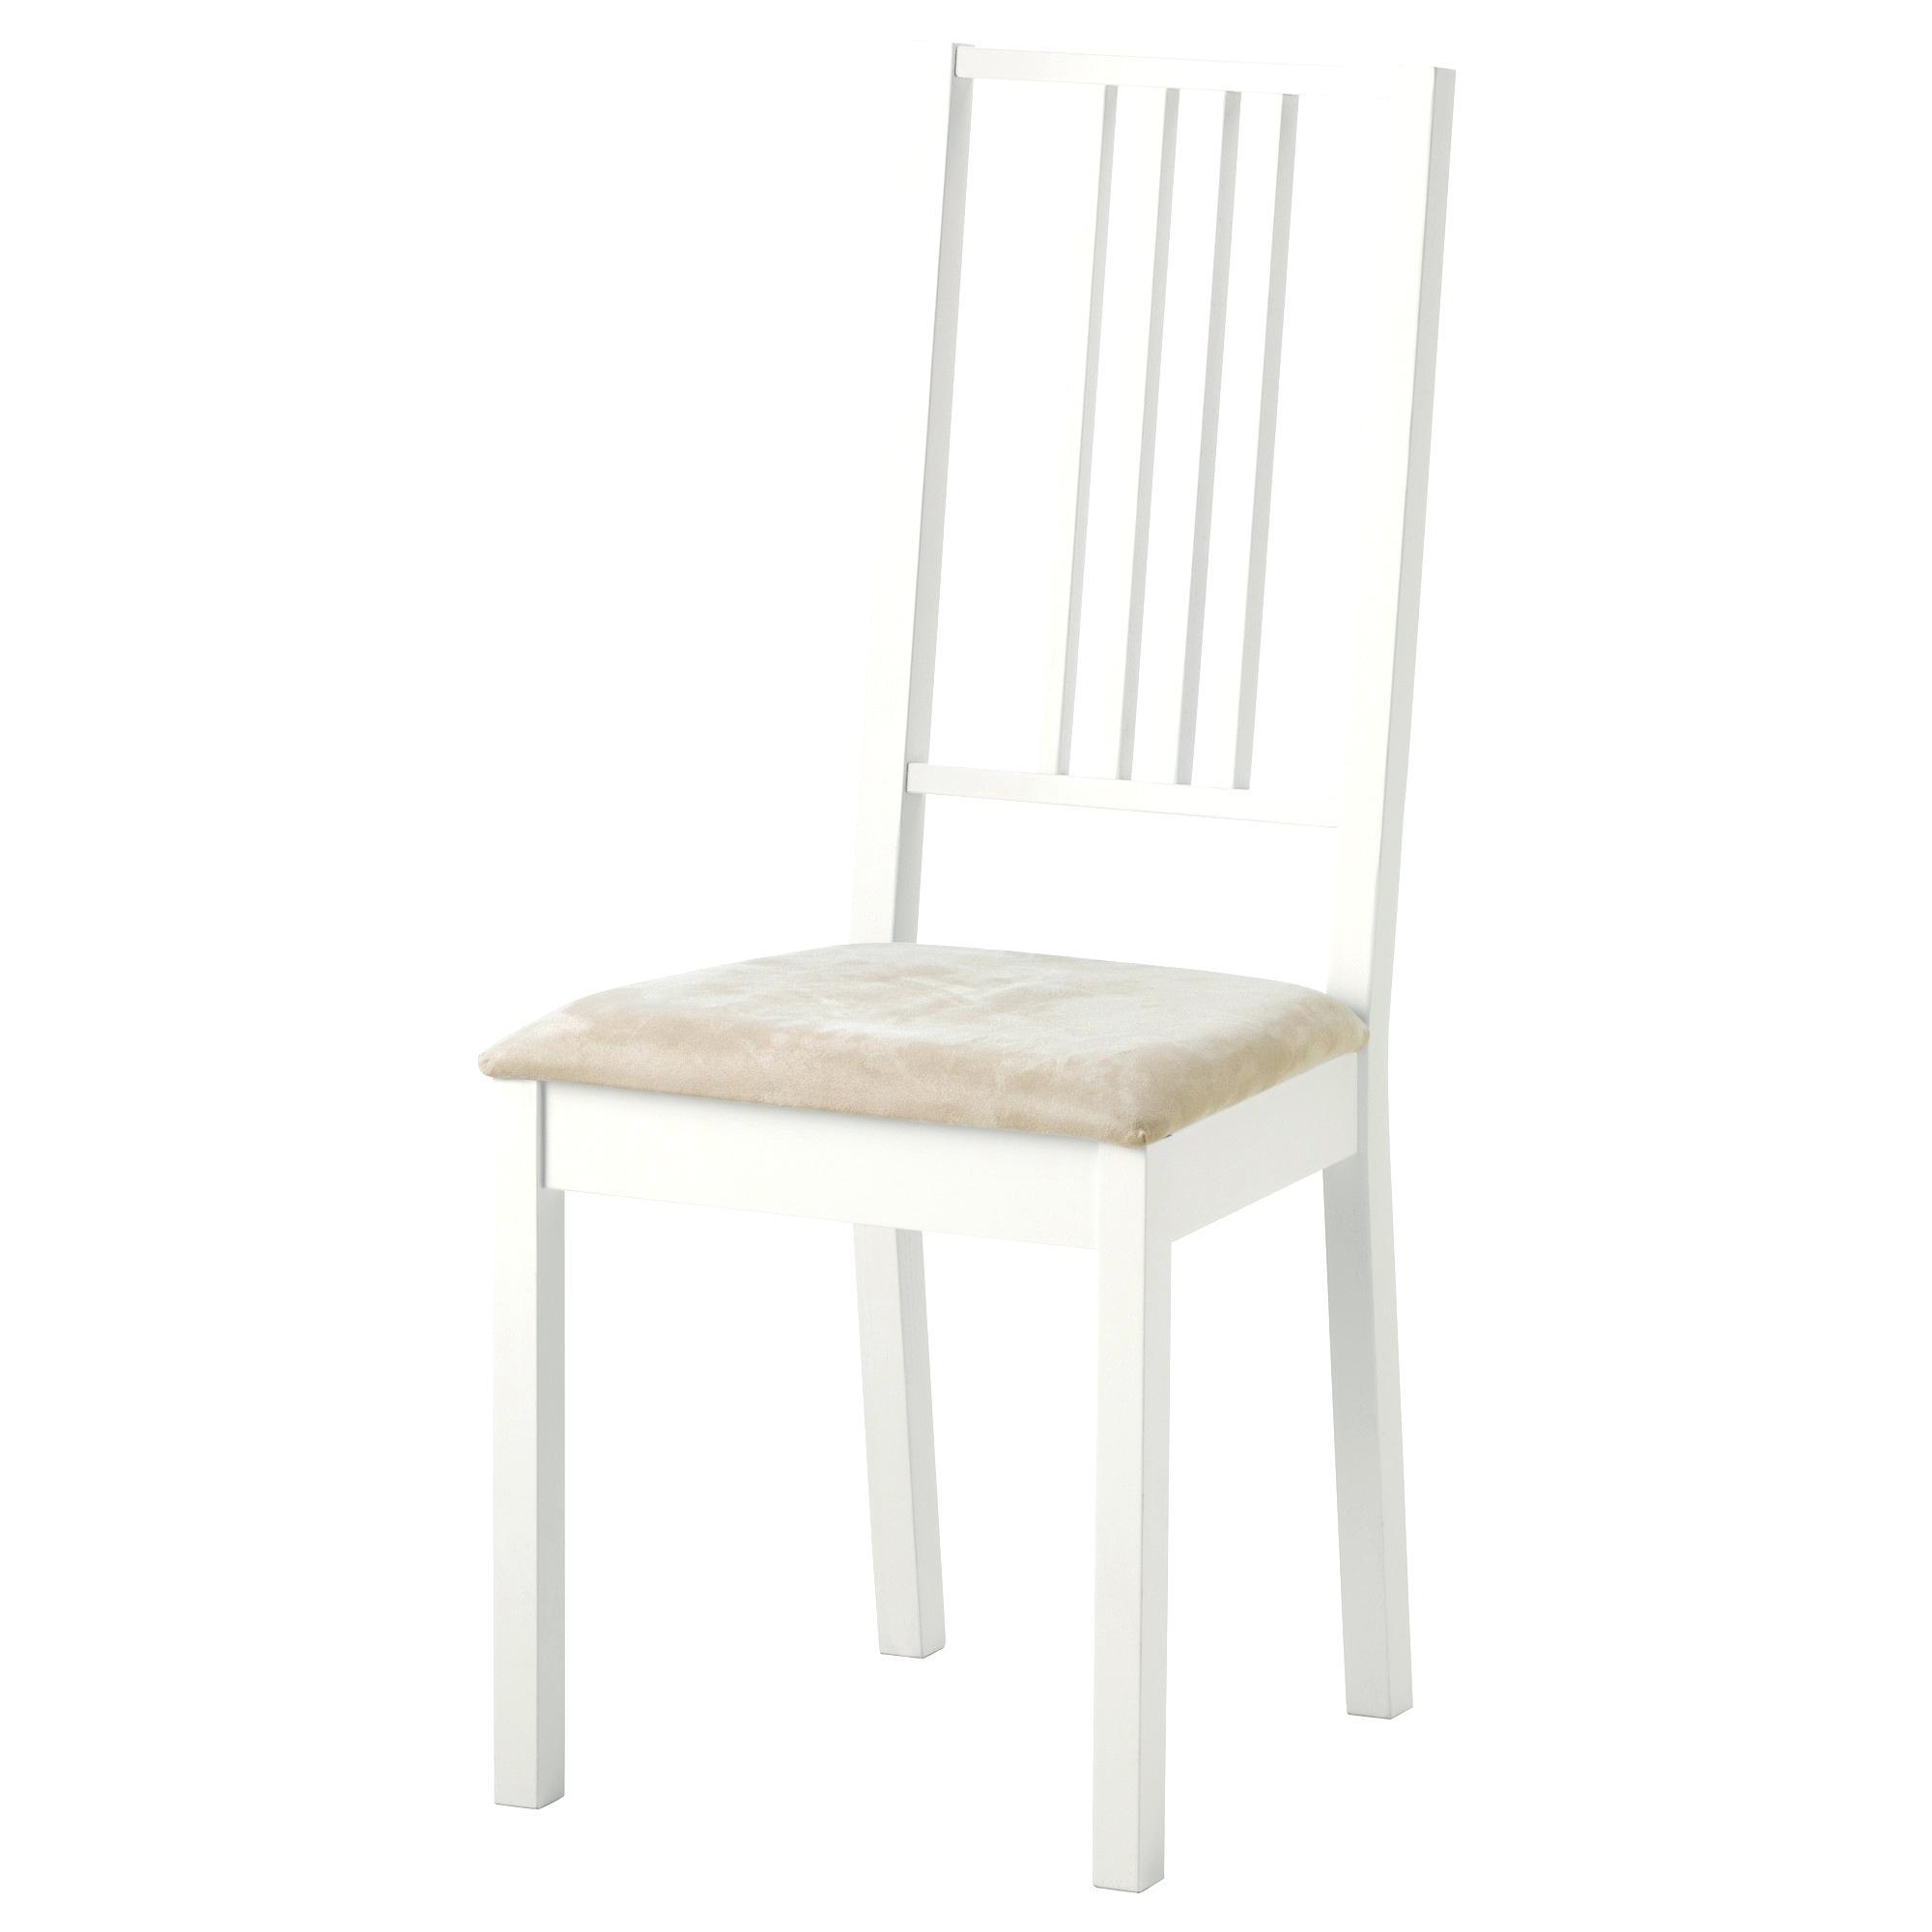 68 l gant galerie de housse de fauteuil extensible ikea. Black Bedroom Furniture Sets. Home Design Ideas